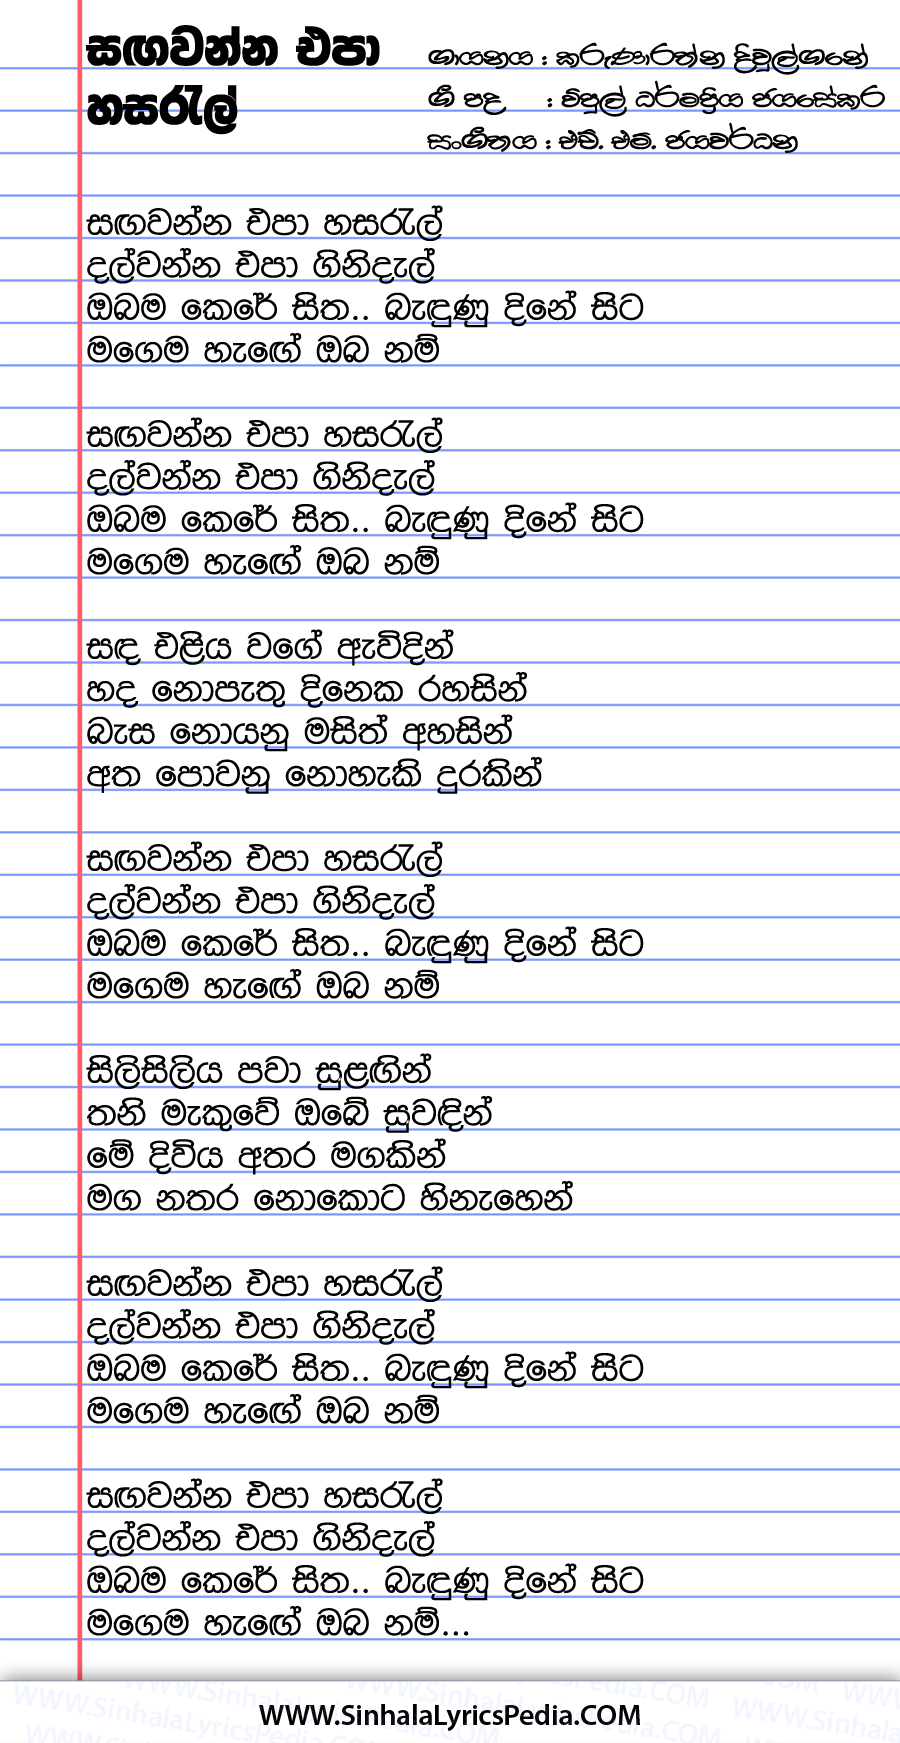 Sagawanna Epa Hasaral Dalwanna Epa Ginidal Song Lyrics